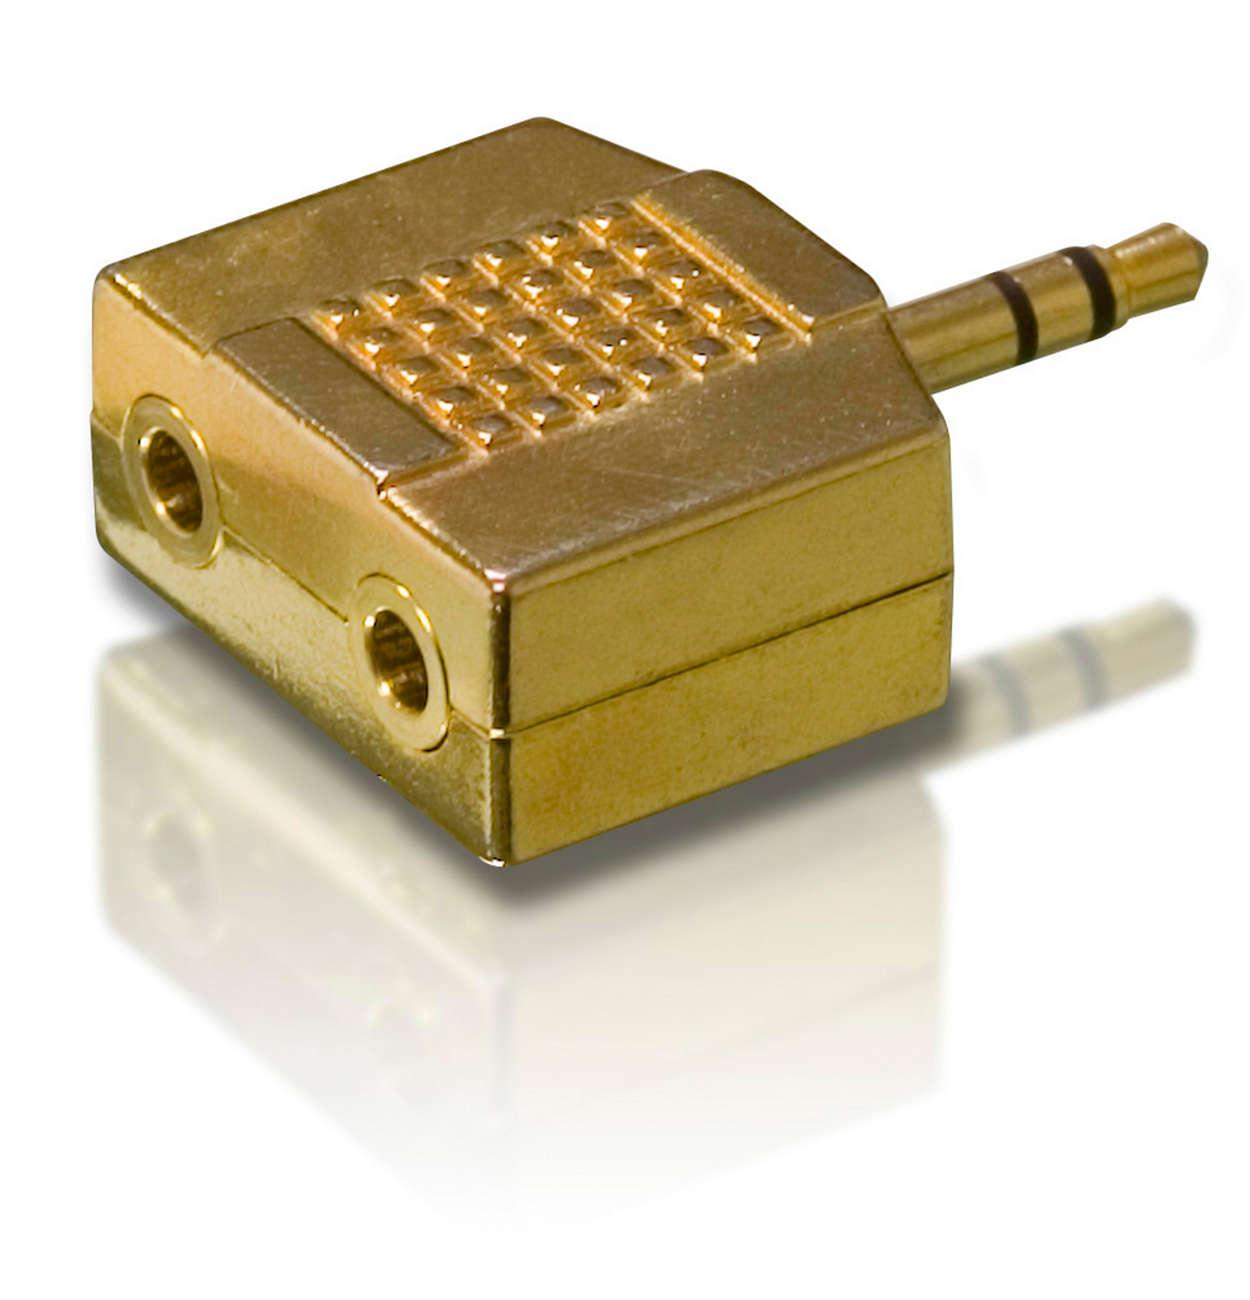 Opplev overlegen lyd